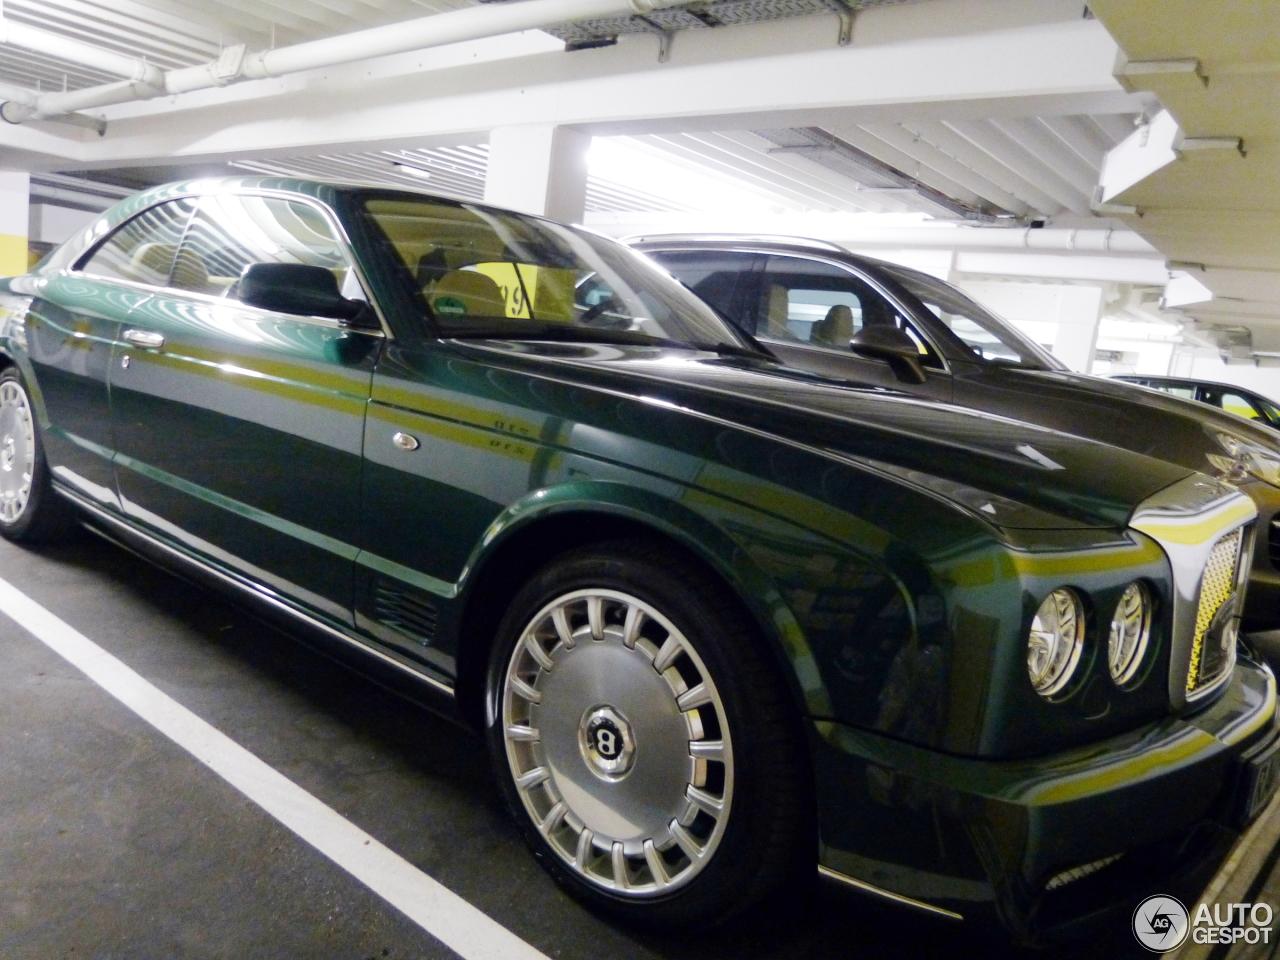 Bentley brooklands 2008 16 may 2015 autogespot 6 i bentley brooklands 2008 6 vanachro Choice Image